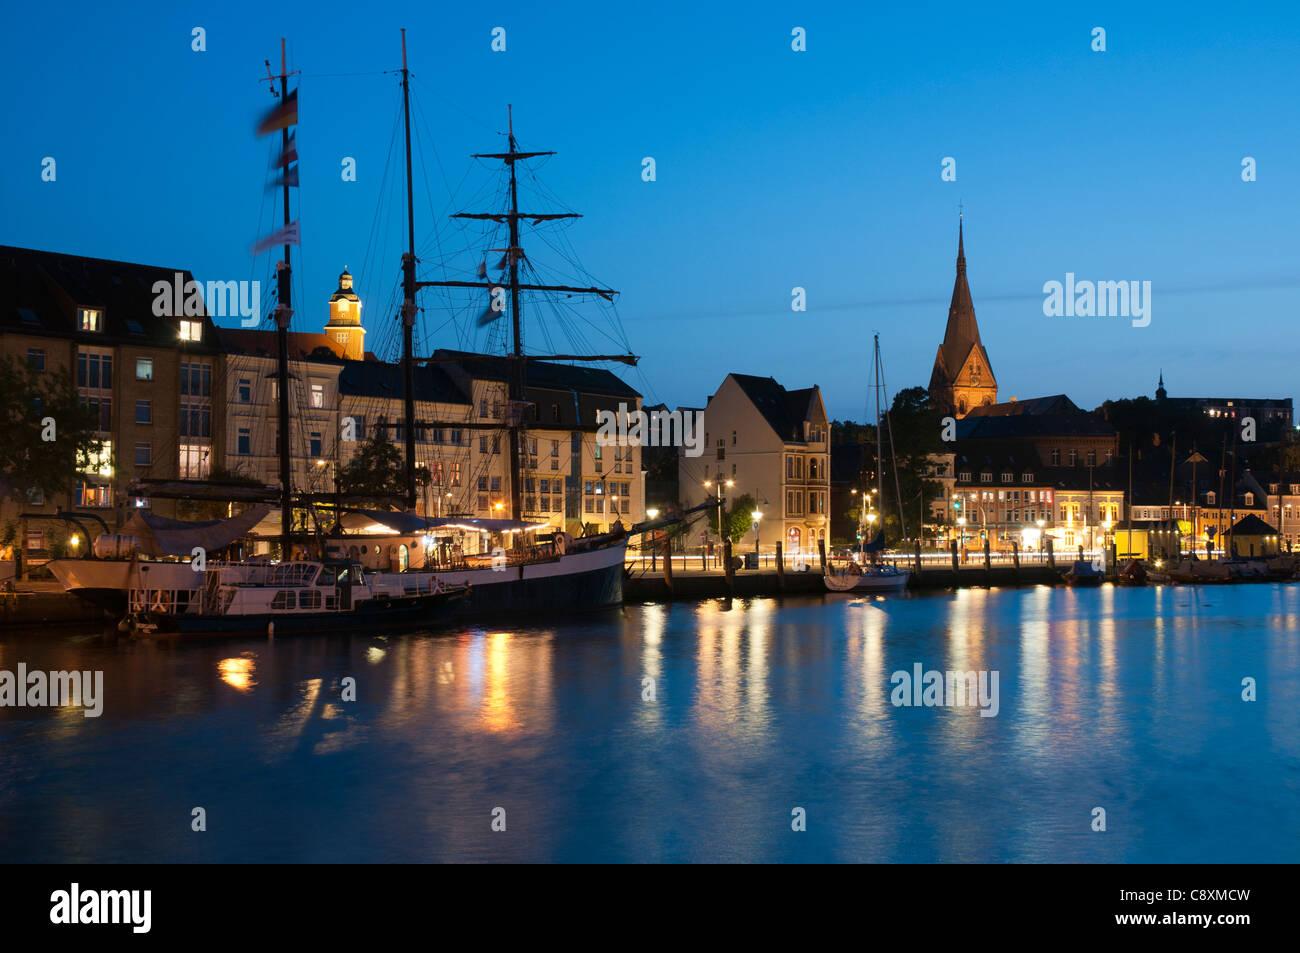 Flensburg bei nacht flensburger f rde ostsee schleswig holstein deutschland europa - Architektur flensburg ...